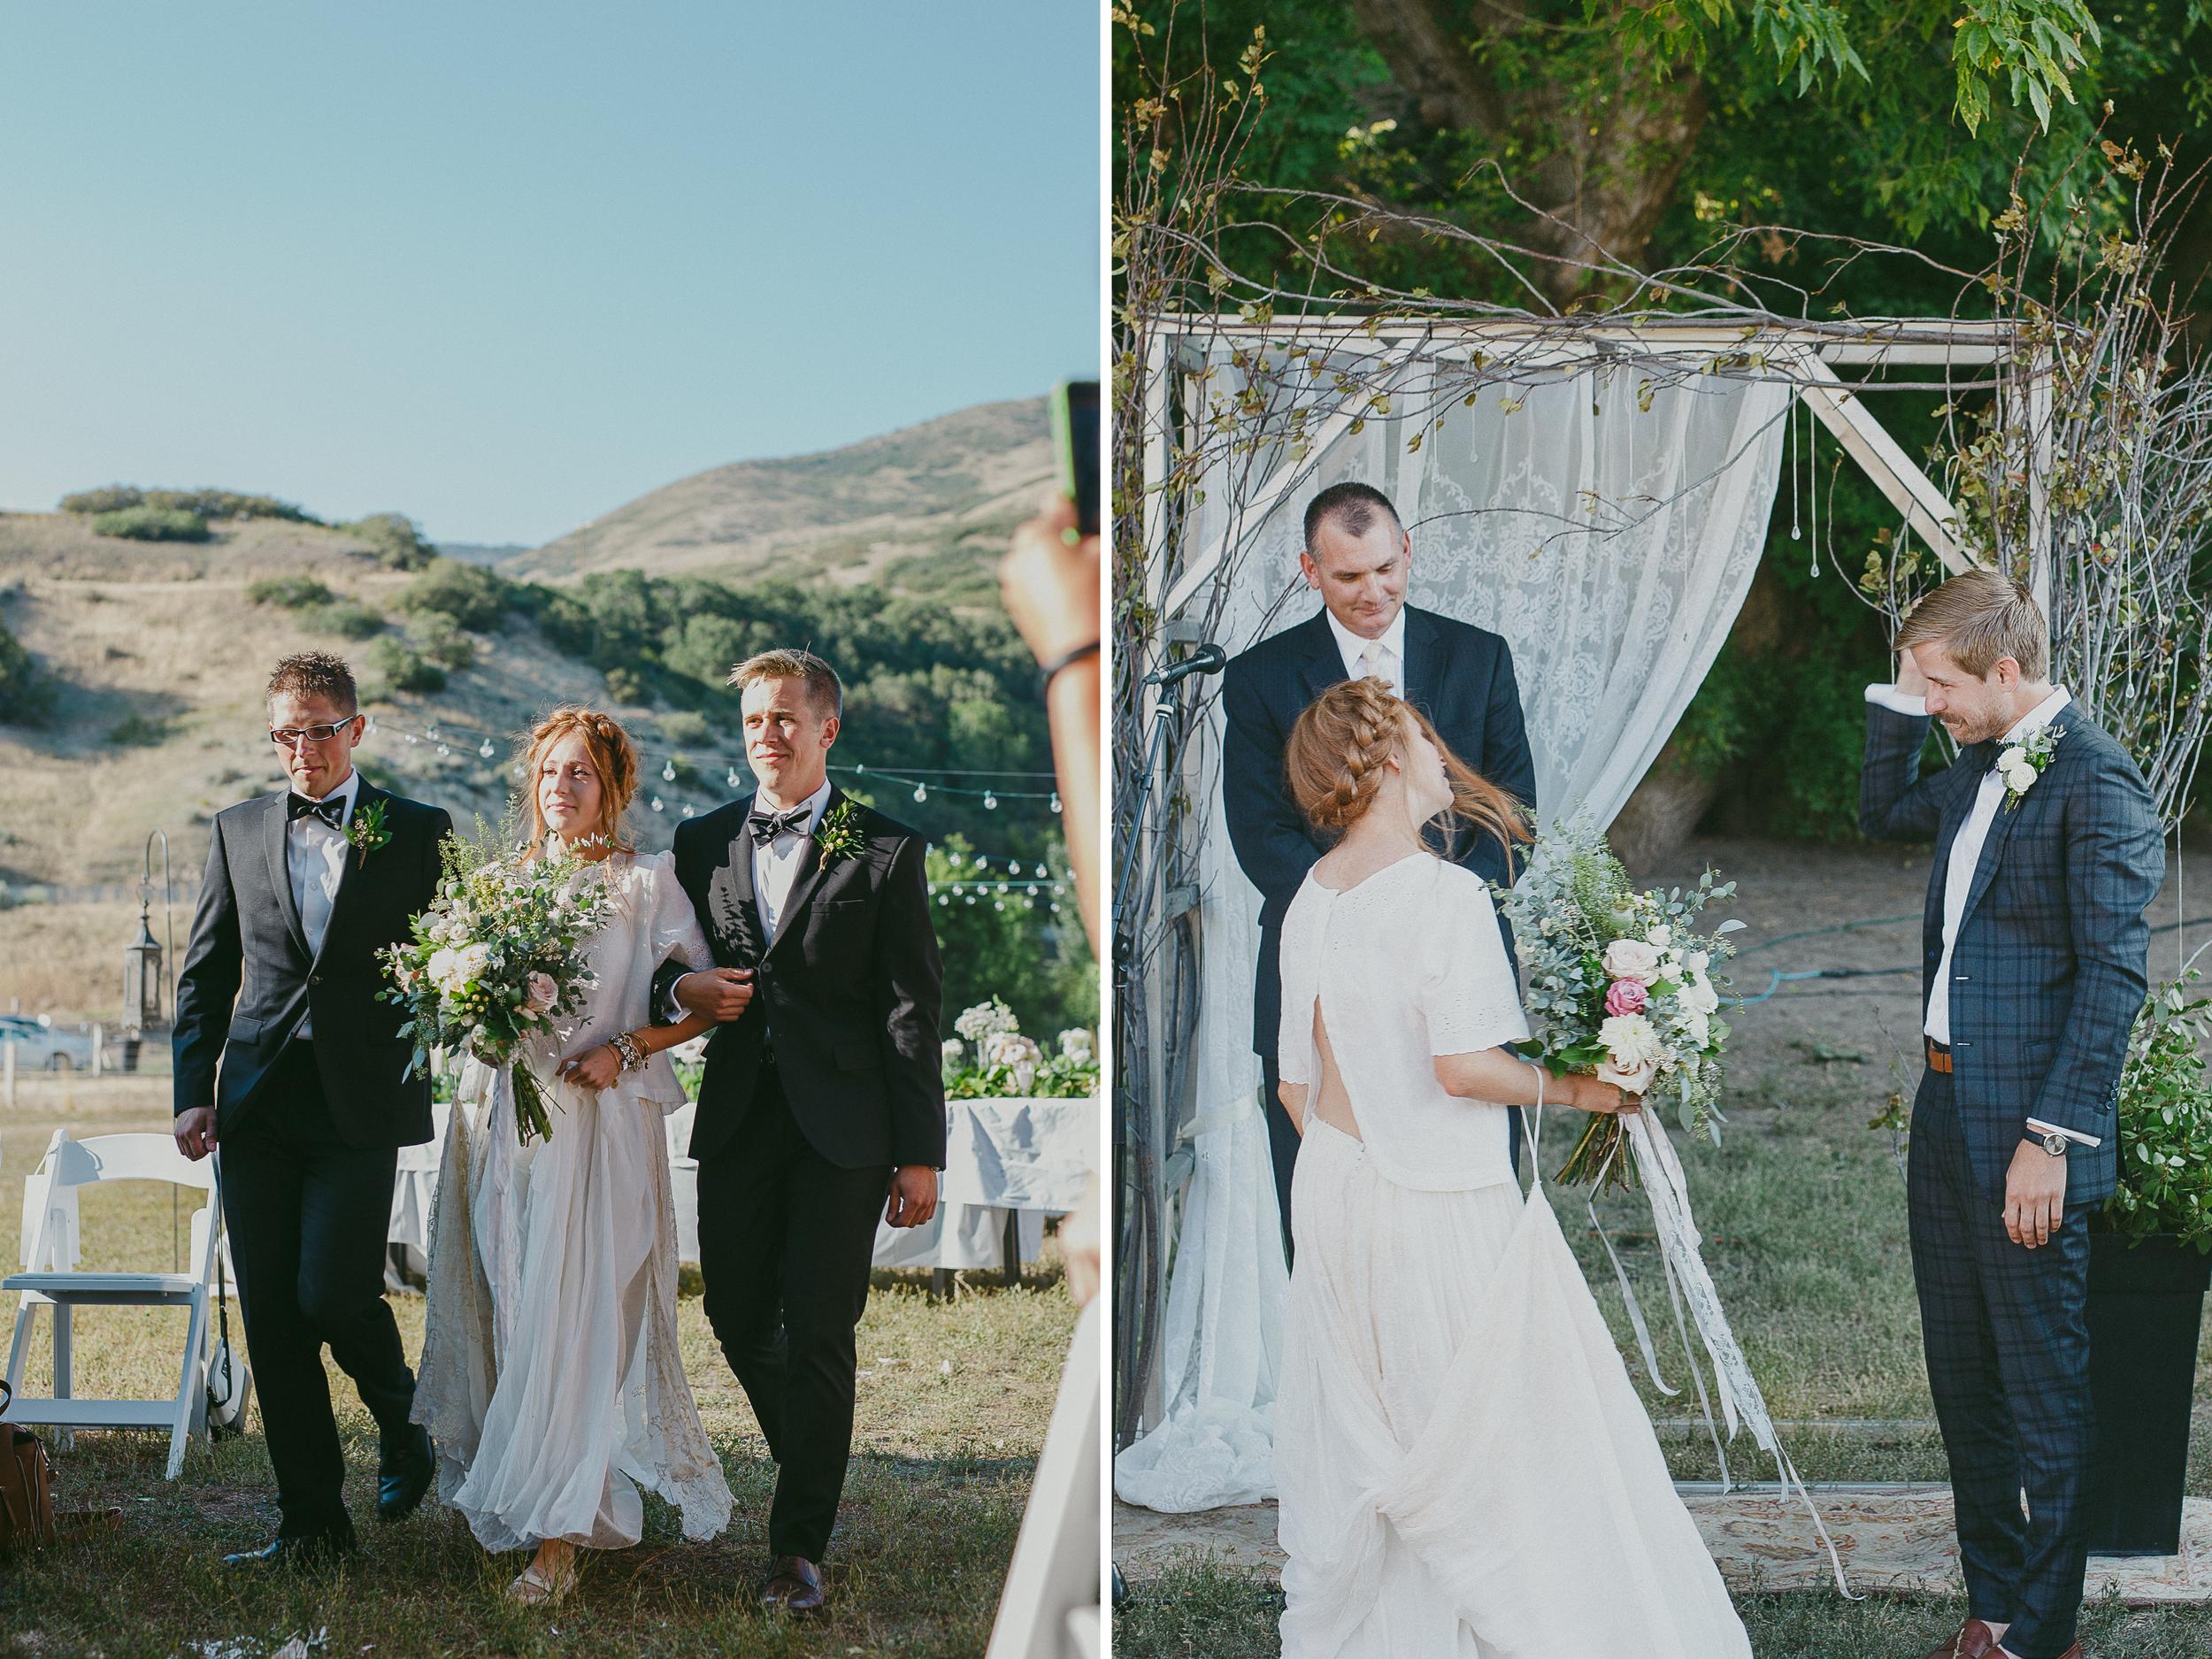 Salt-Lake-City-Utah-Wedding-015.jpg